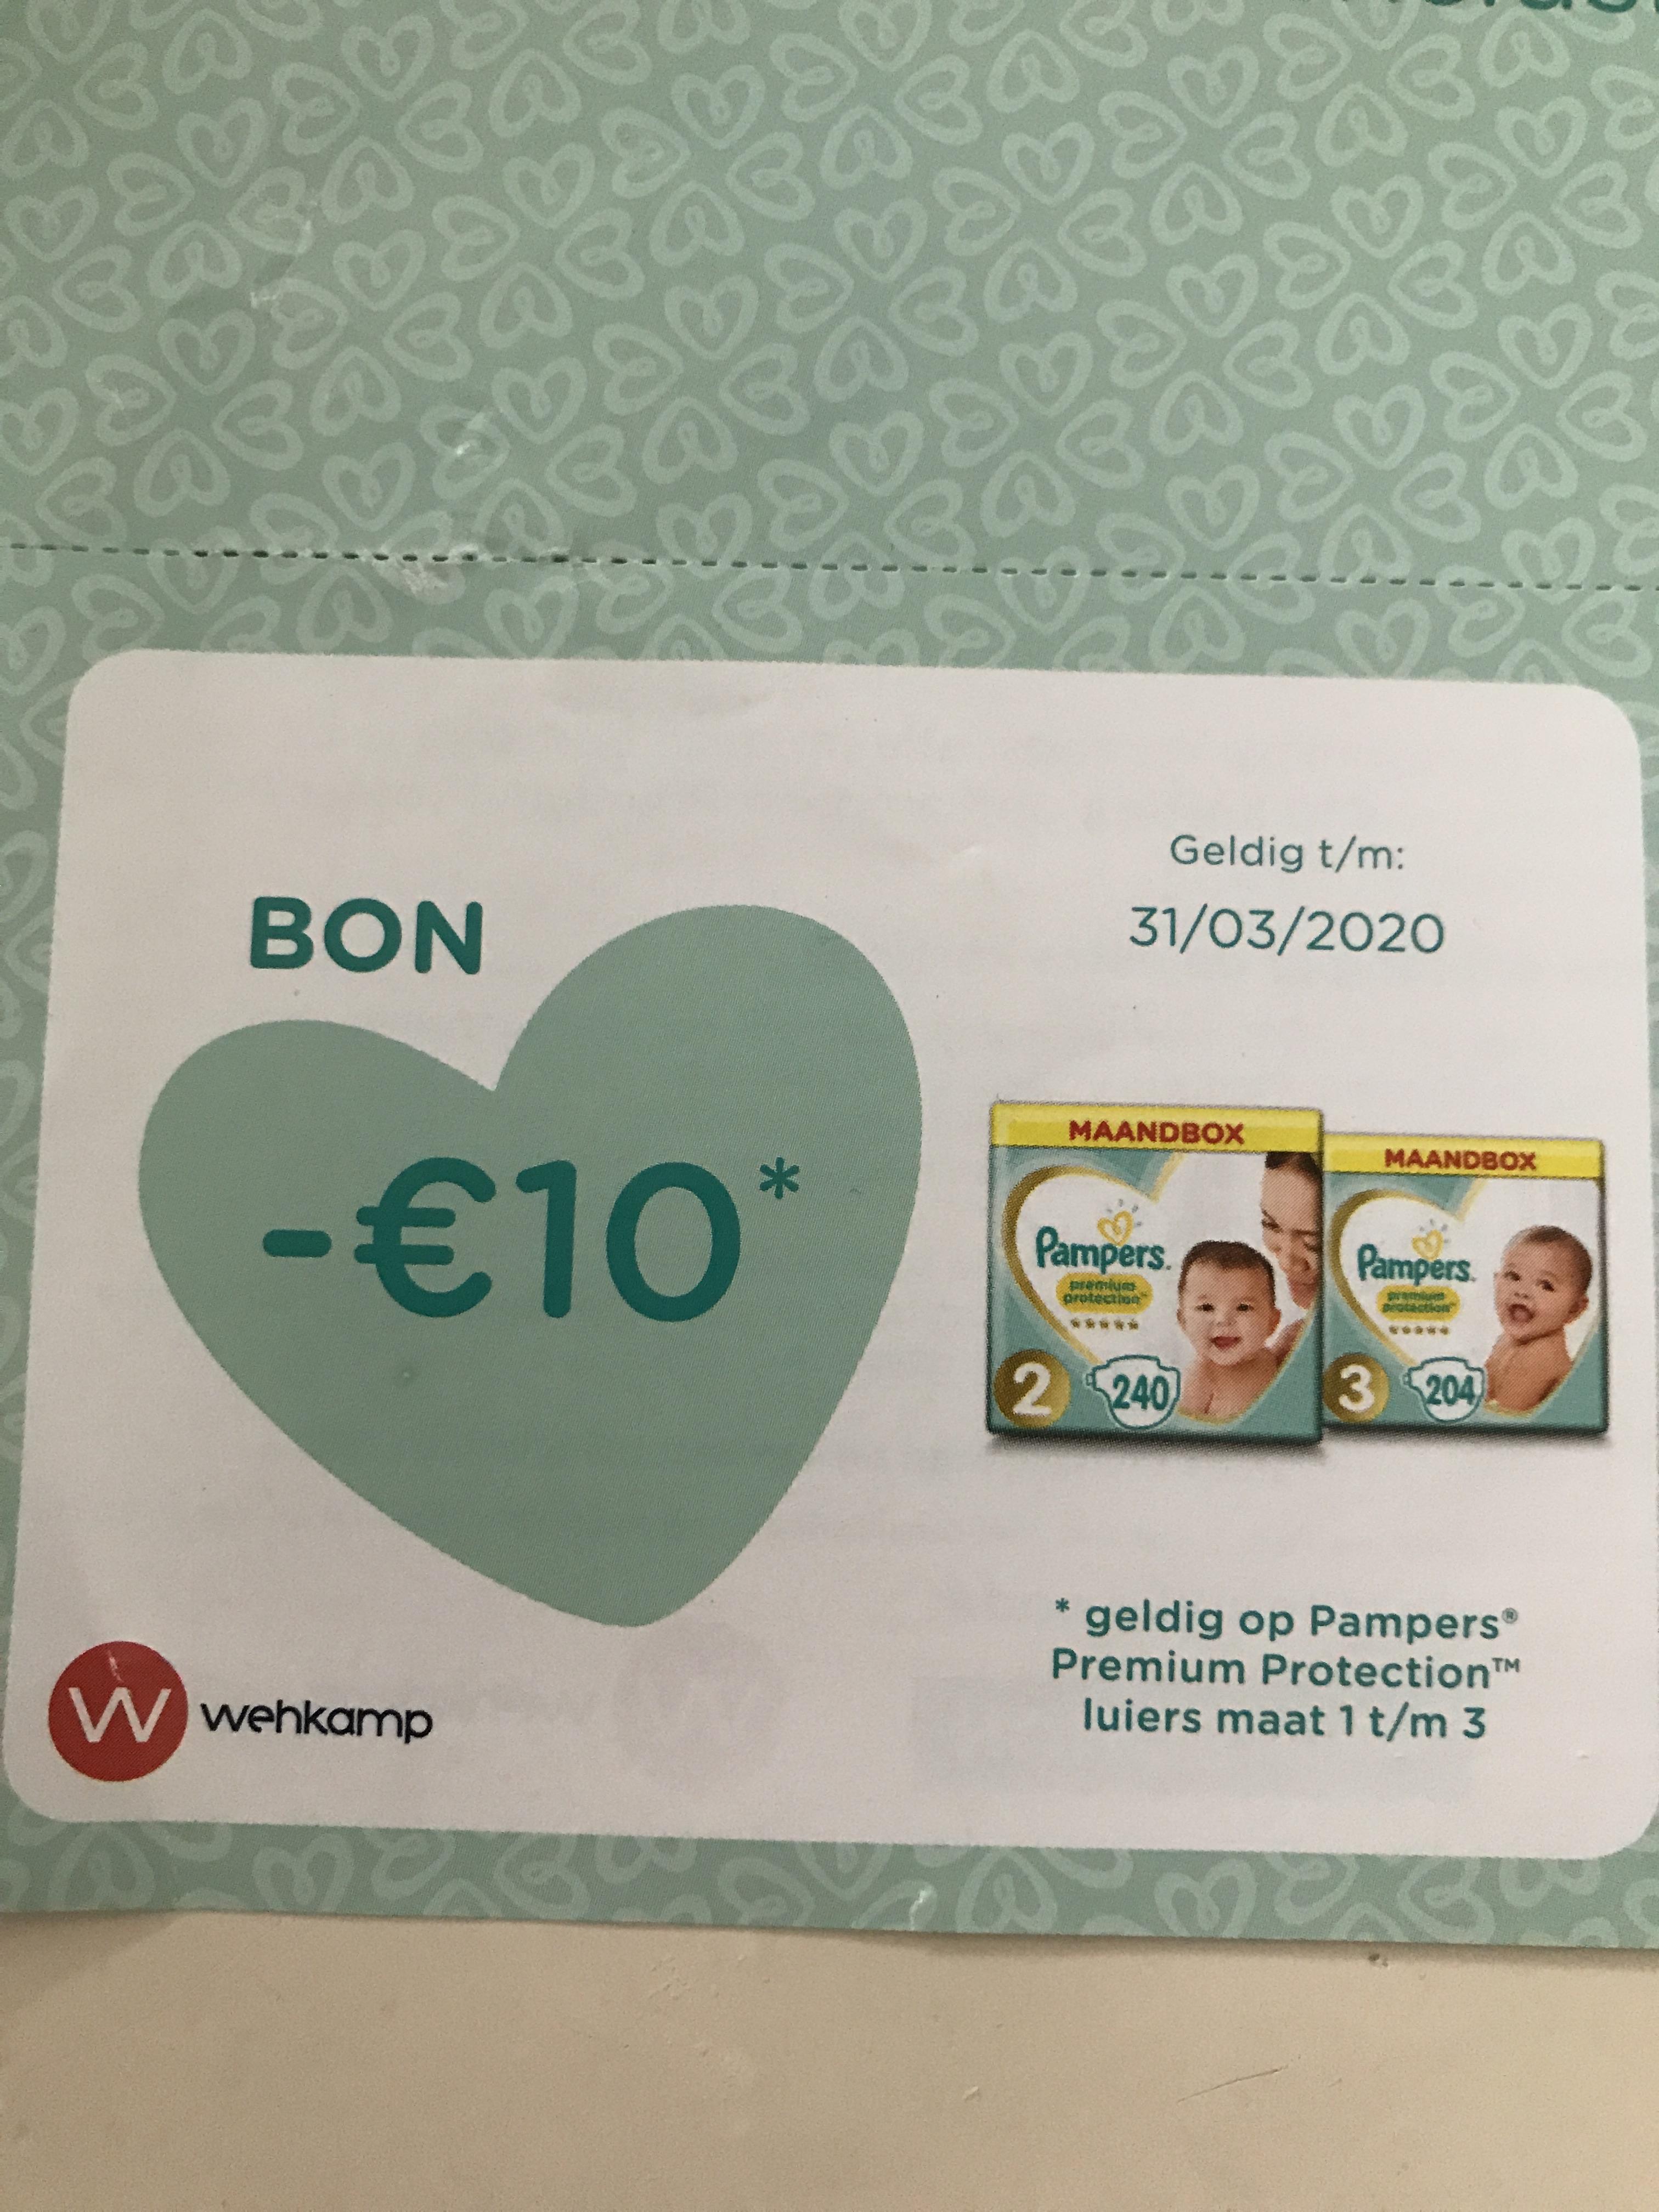 Pampers maandbox maat 1 en 2 50% korting EN €10 extra korting bij aankoop van 2 boxen @ Wehkamp